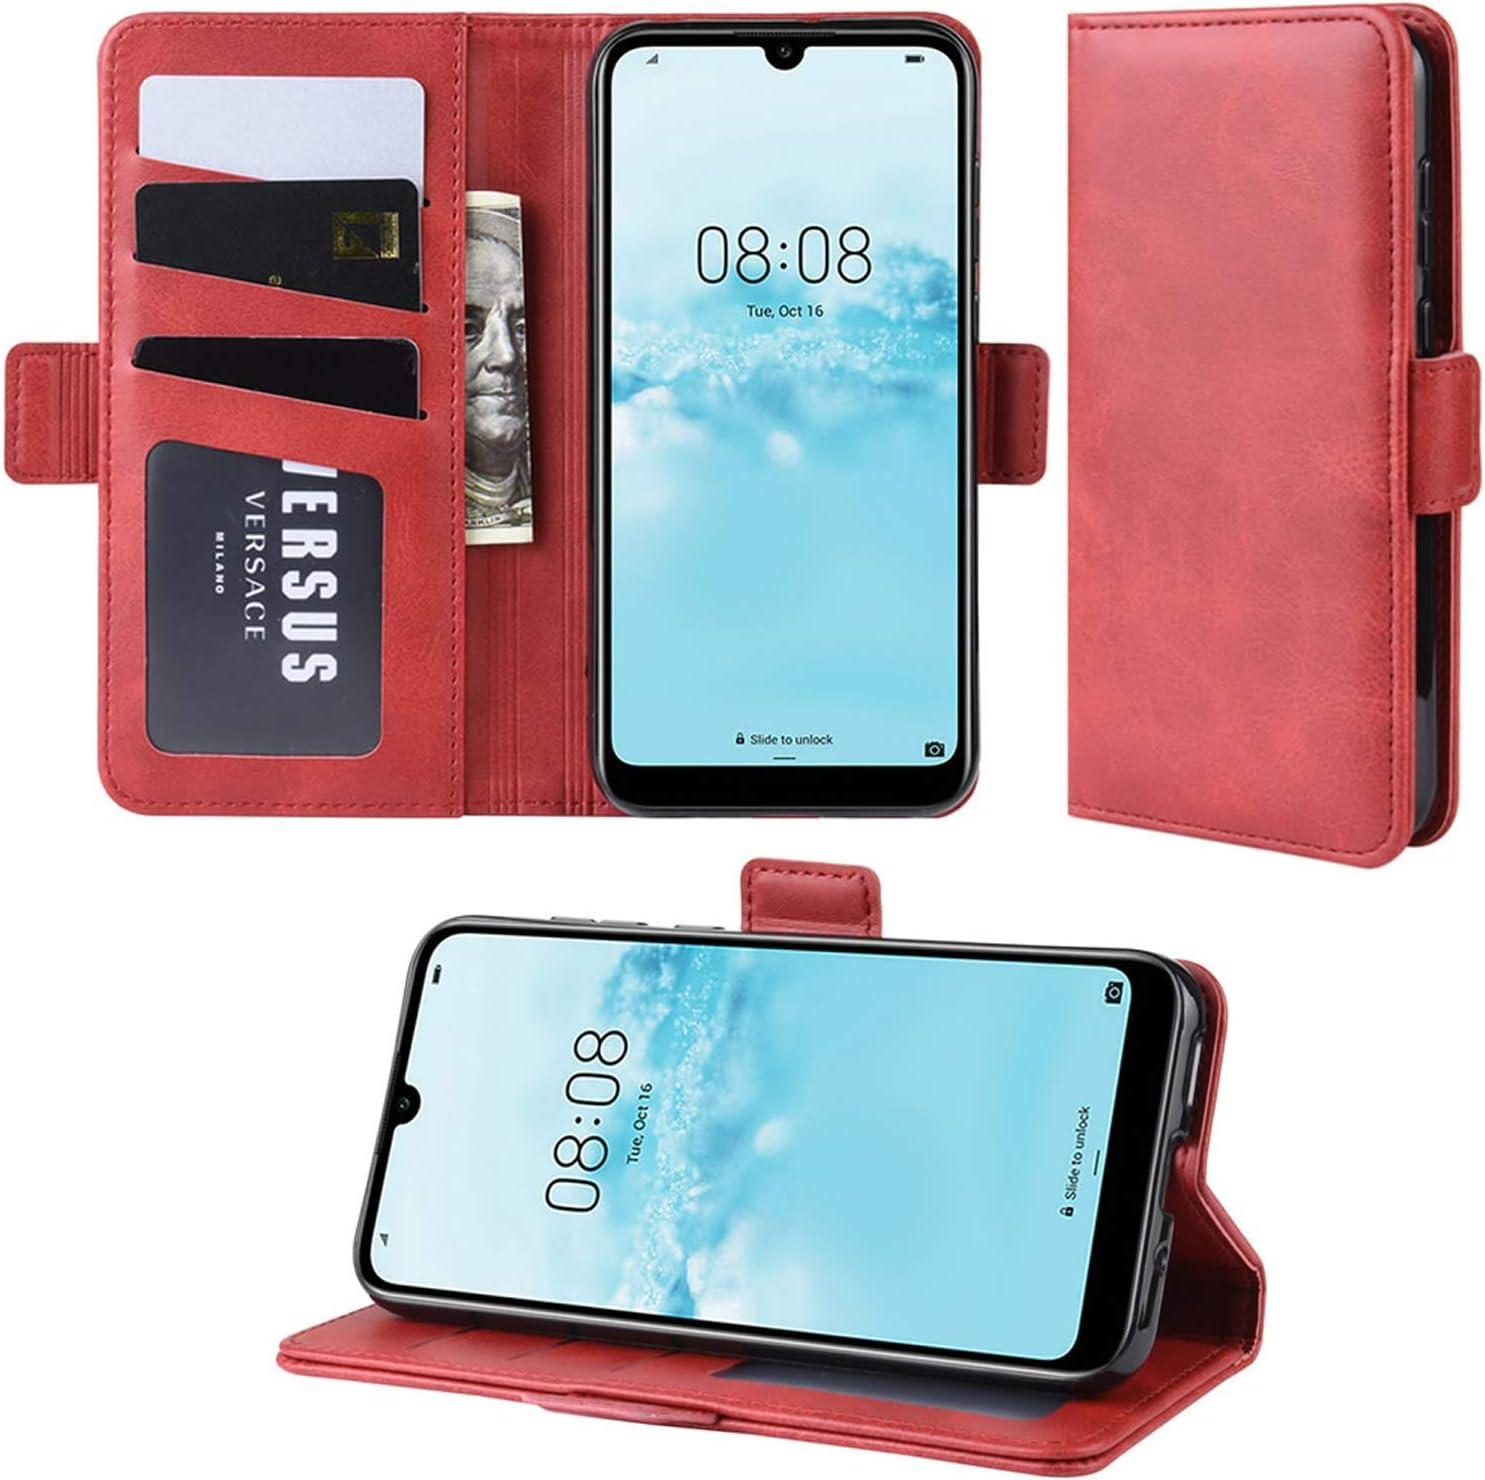 Funda Libro de Cuero PU Premium con Ranura para Tarjetas y Cartera Flip Cover Magn/ético Carcasa para Huawei P Smart 2020 Case Rojo HualuBro Funda para Huawei P Smart 2020